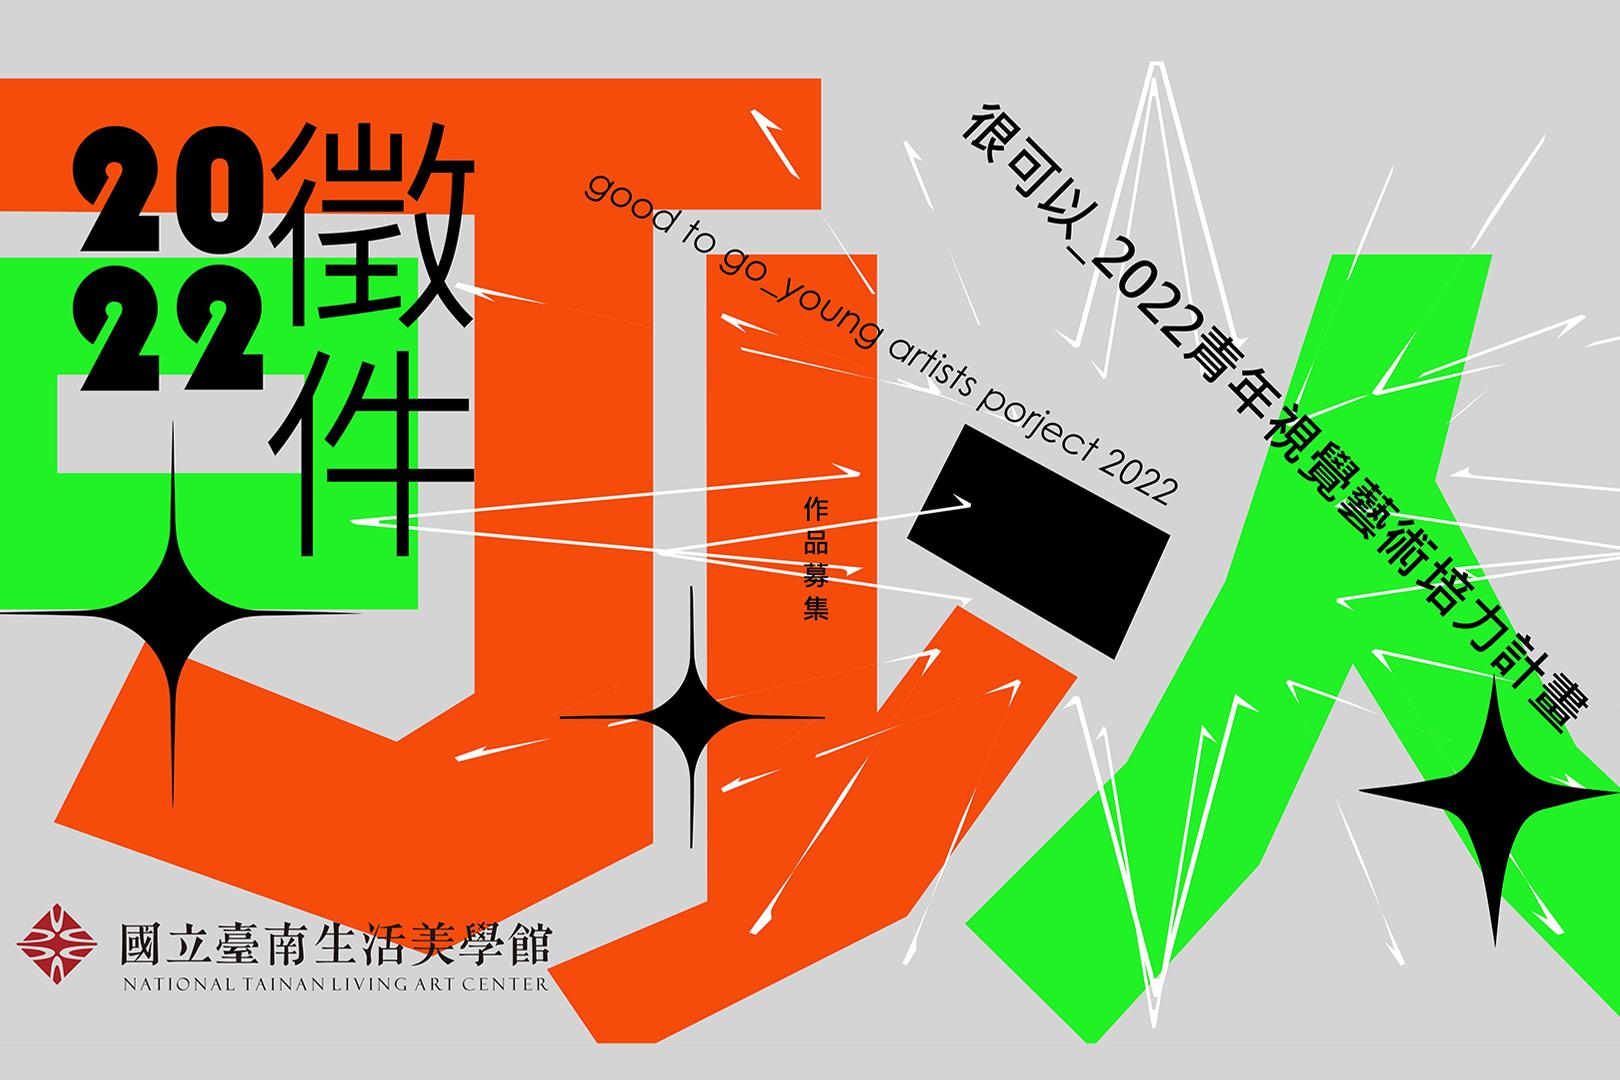 「 2022 年青年視覺藝術培力 」徵件至12 / 31